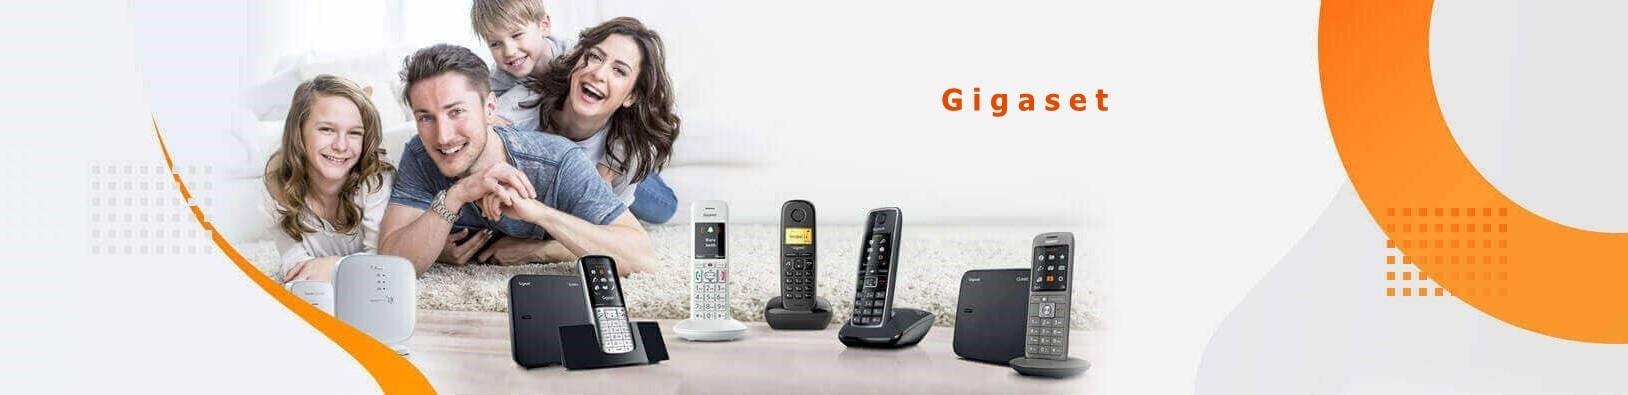 تلفن های گیگاست